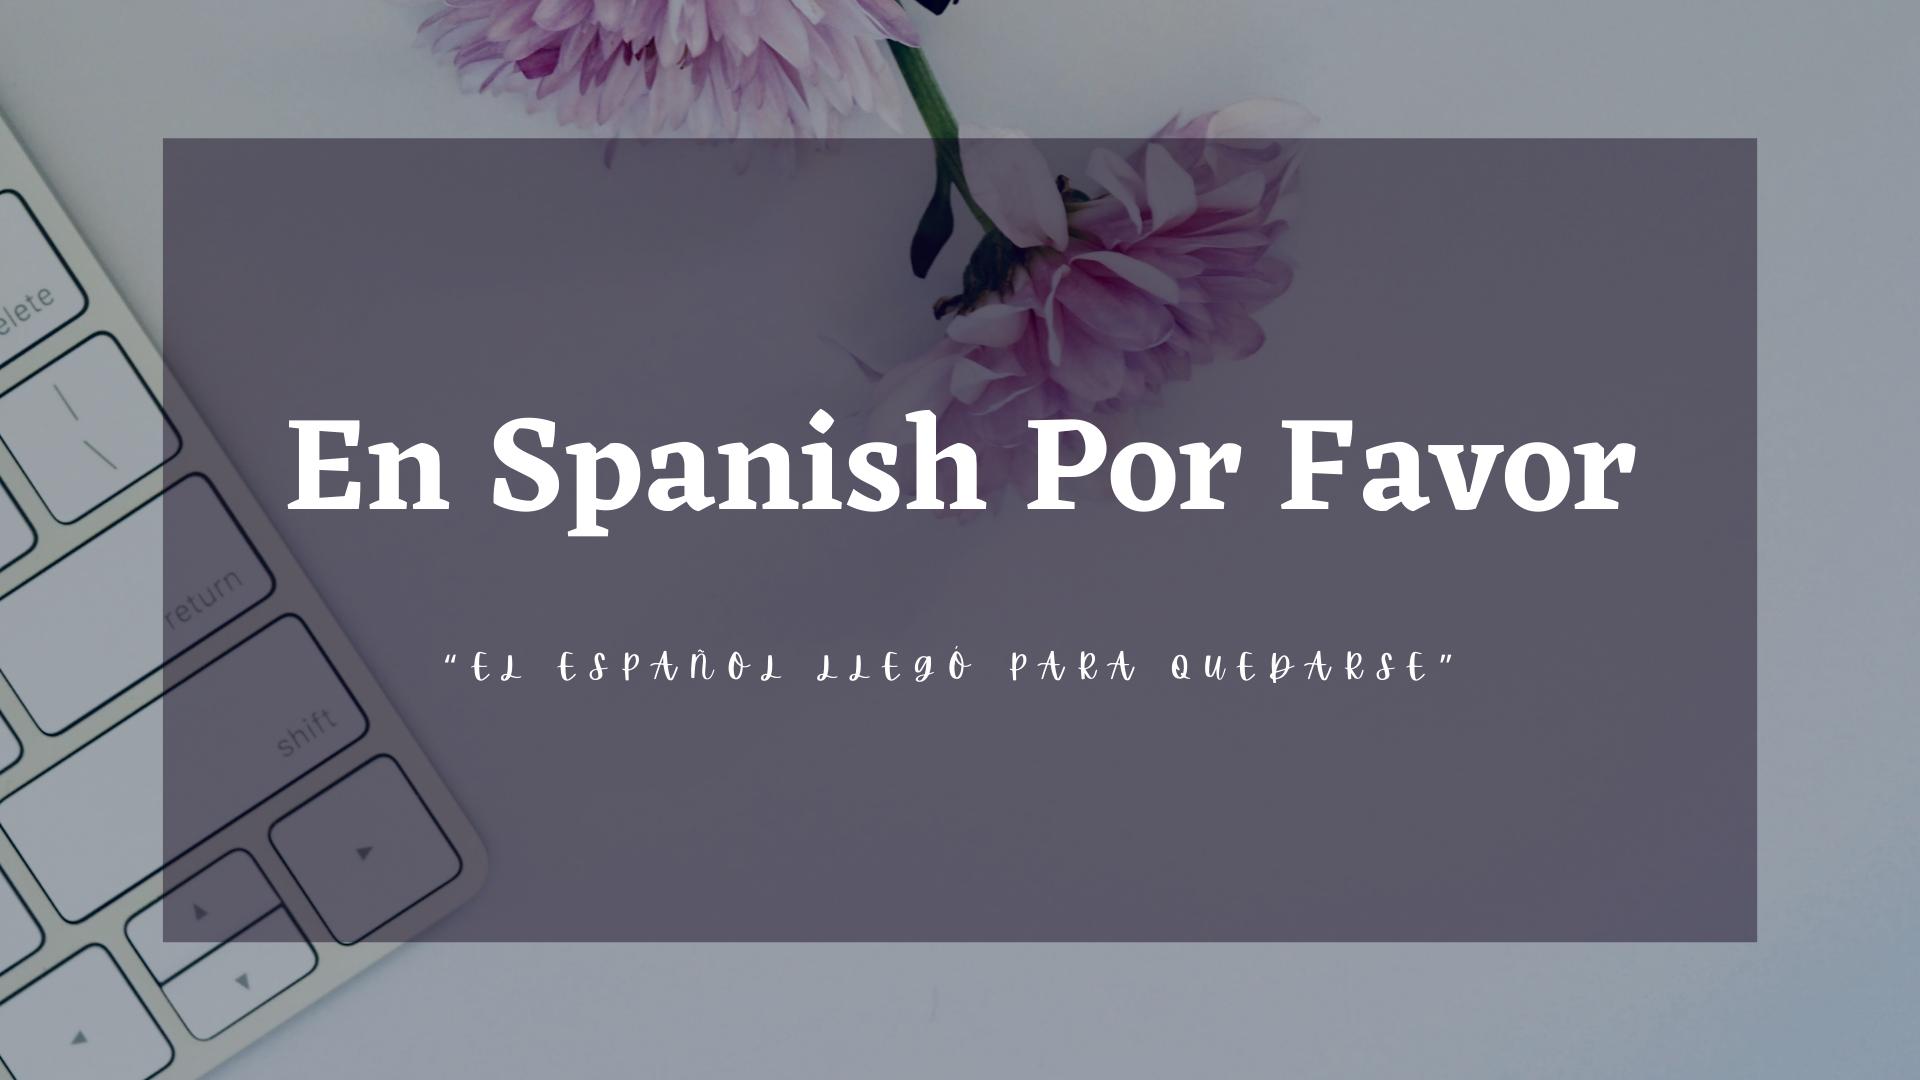 EN SPANISH POR FAVOR